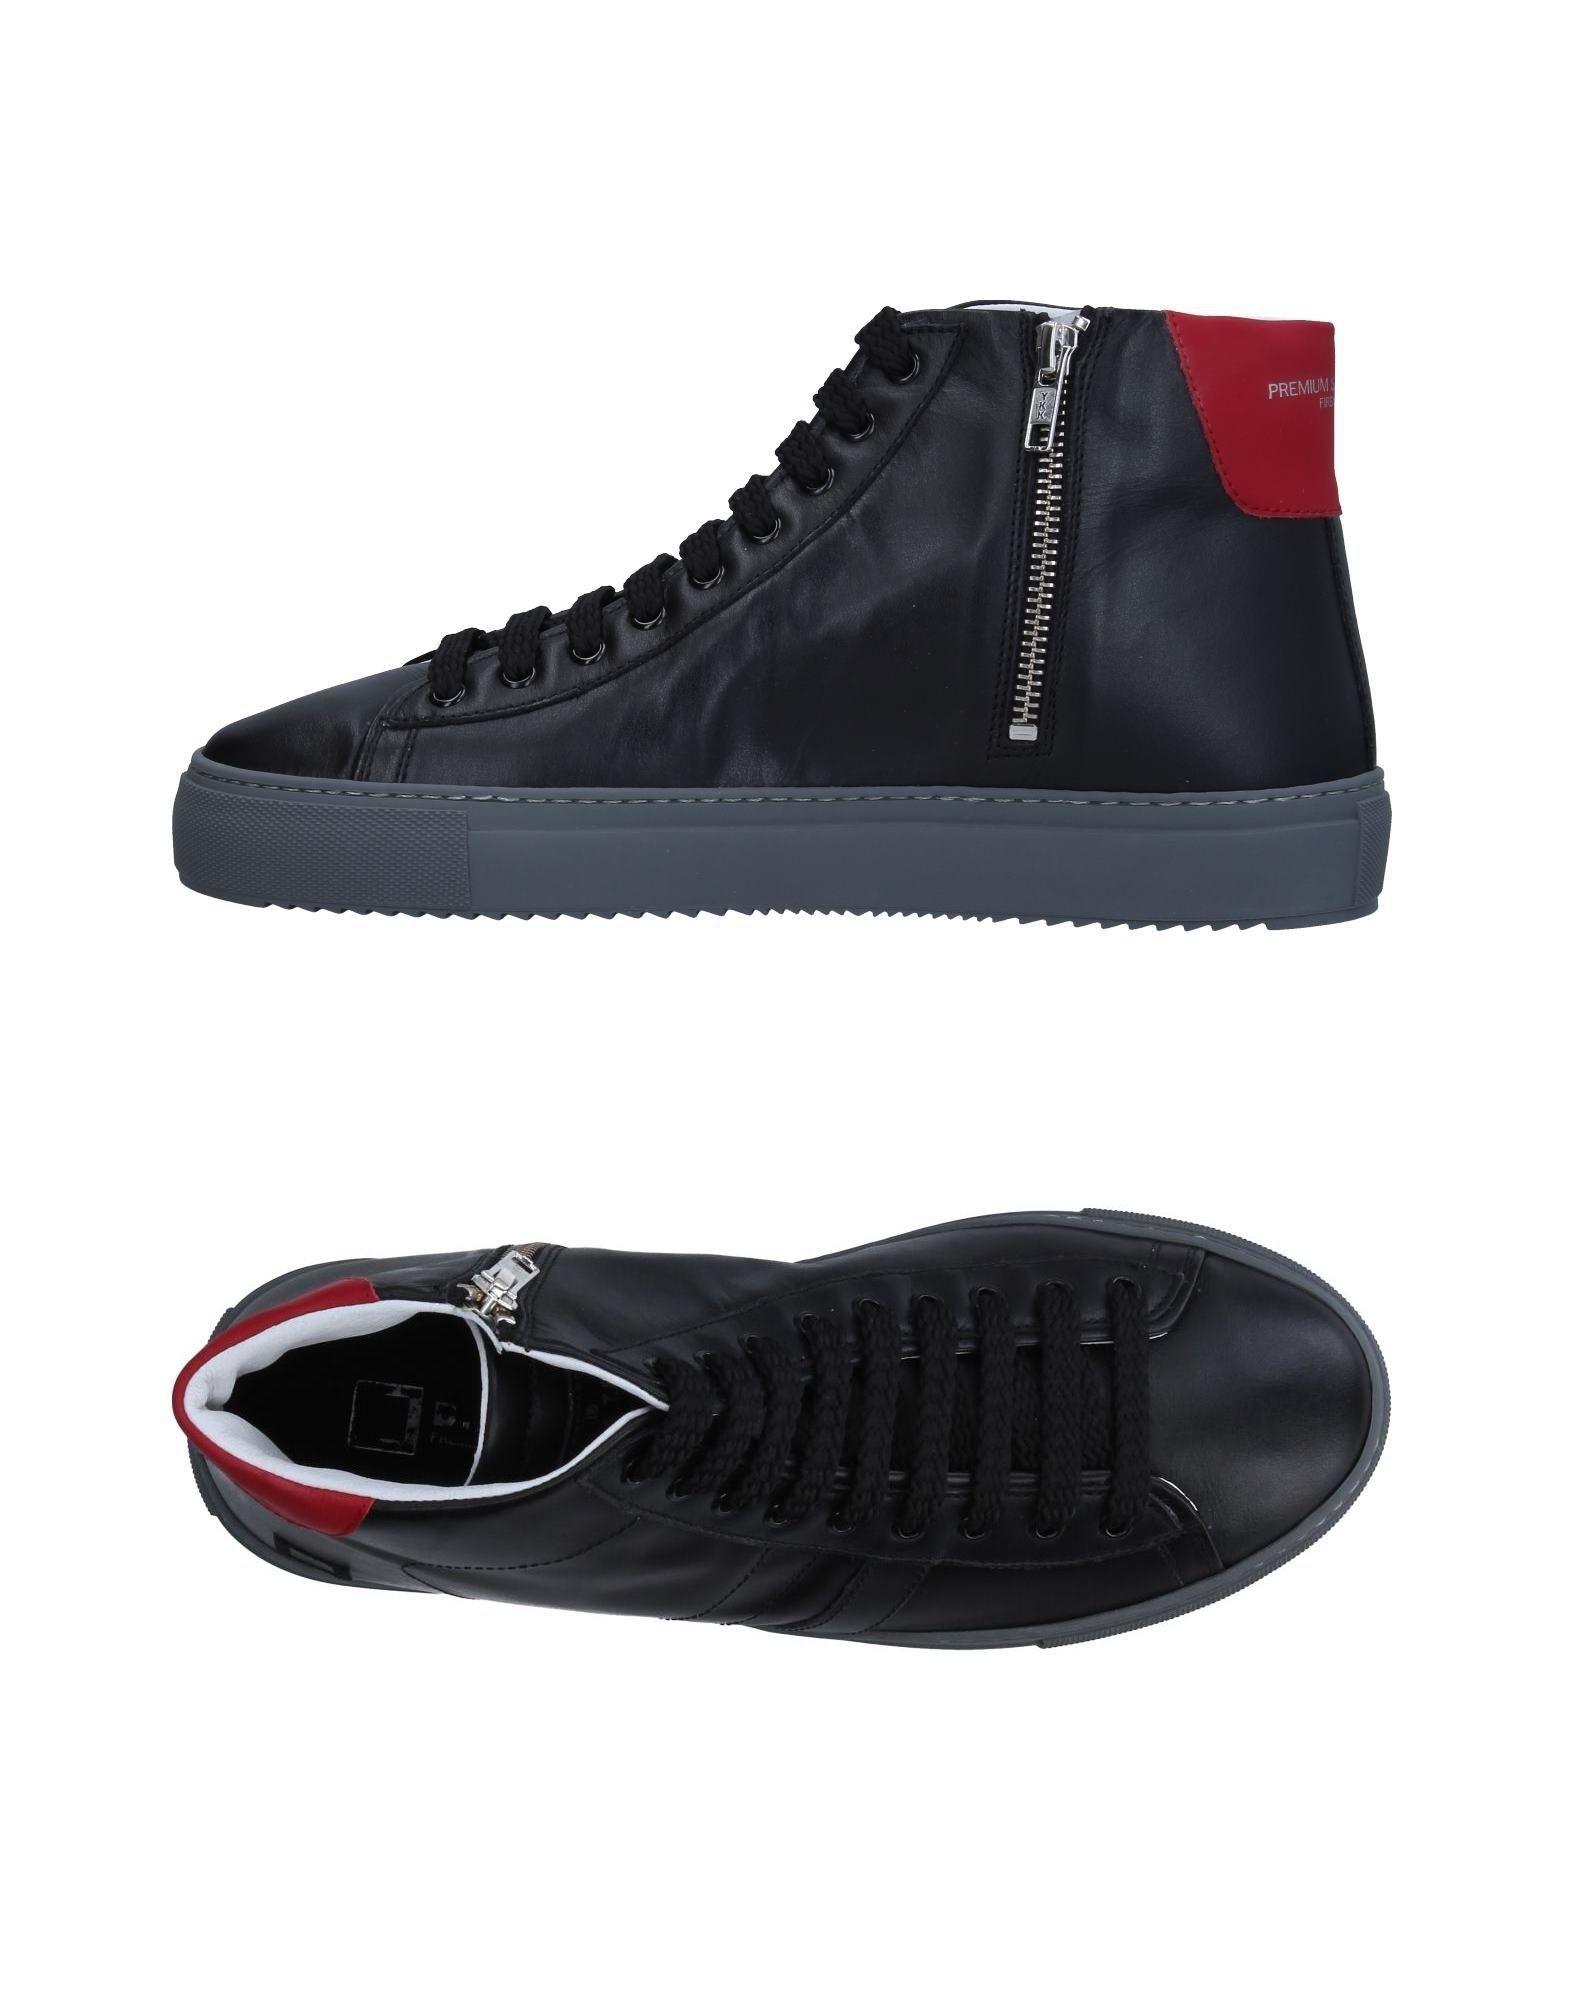 Baskets D.A.T.E. Homme - Baskets D.A.T.E.  Noir Remise de marque